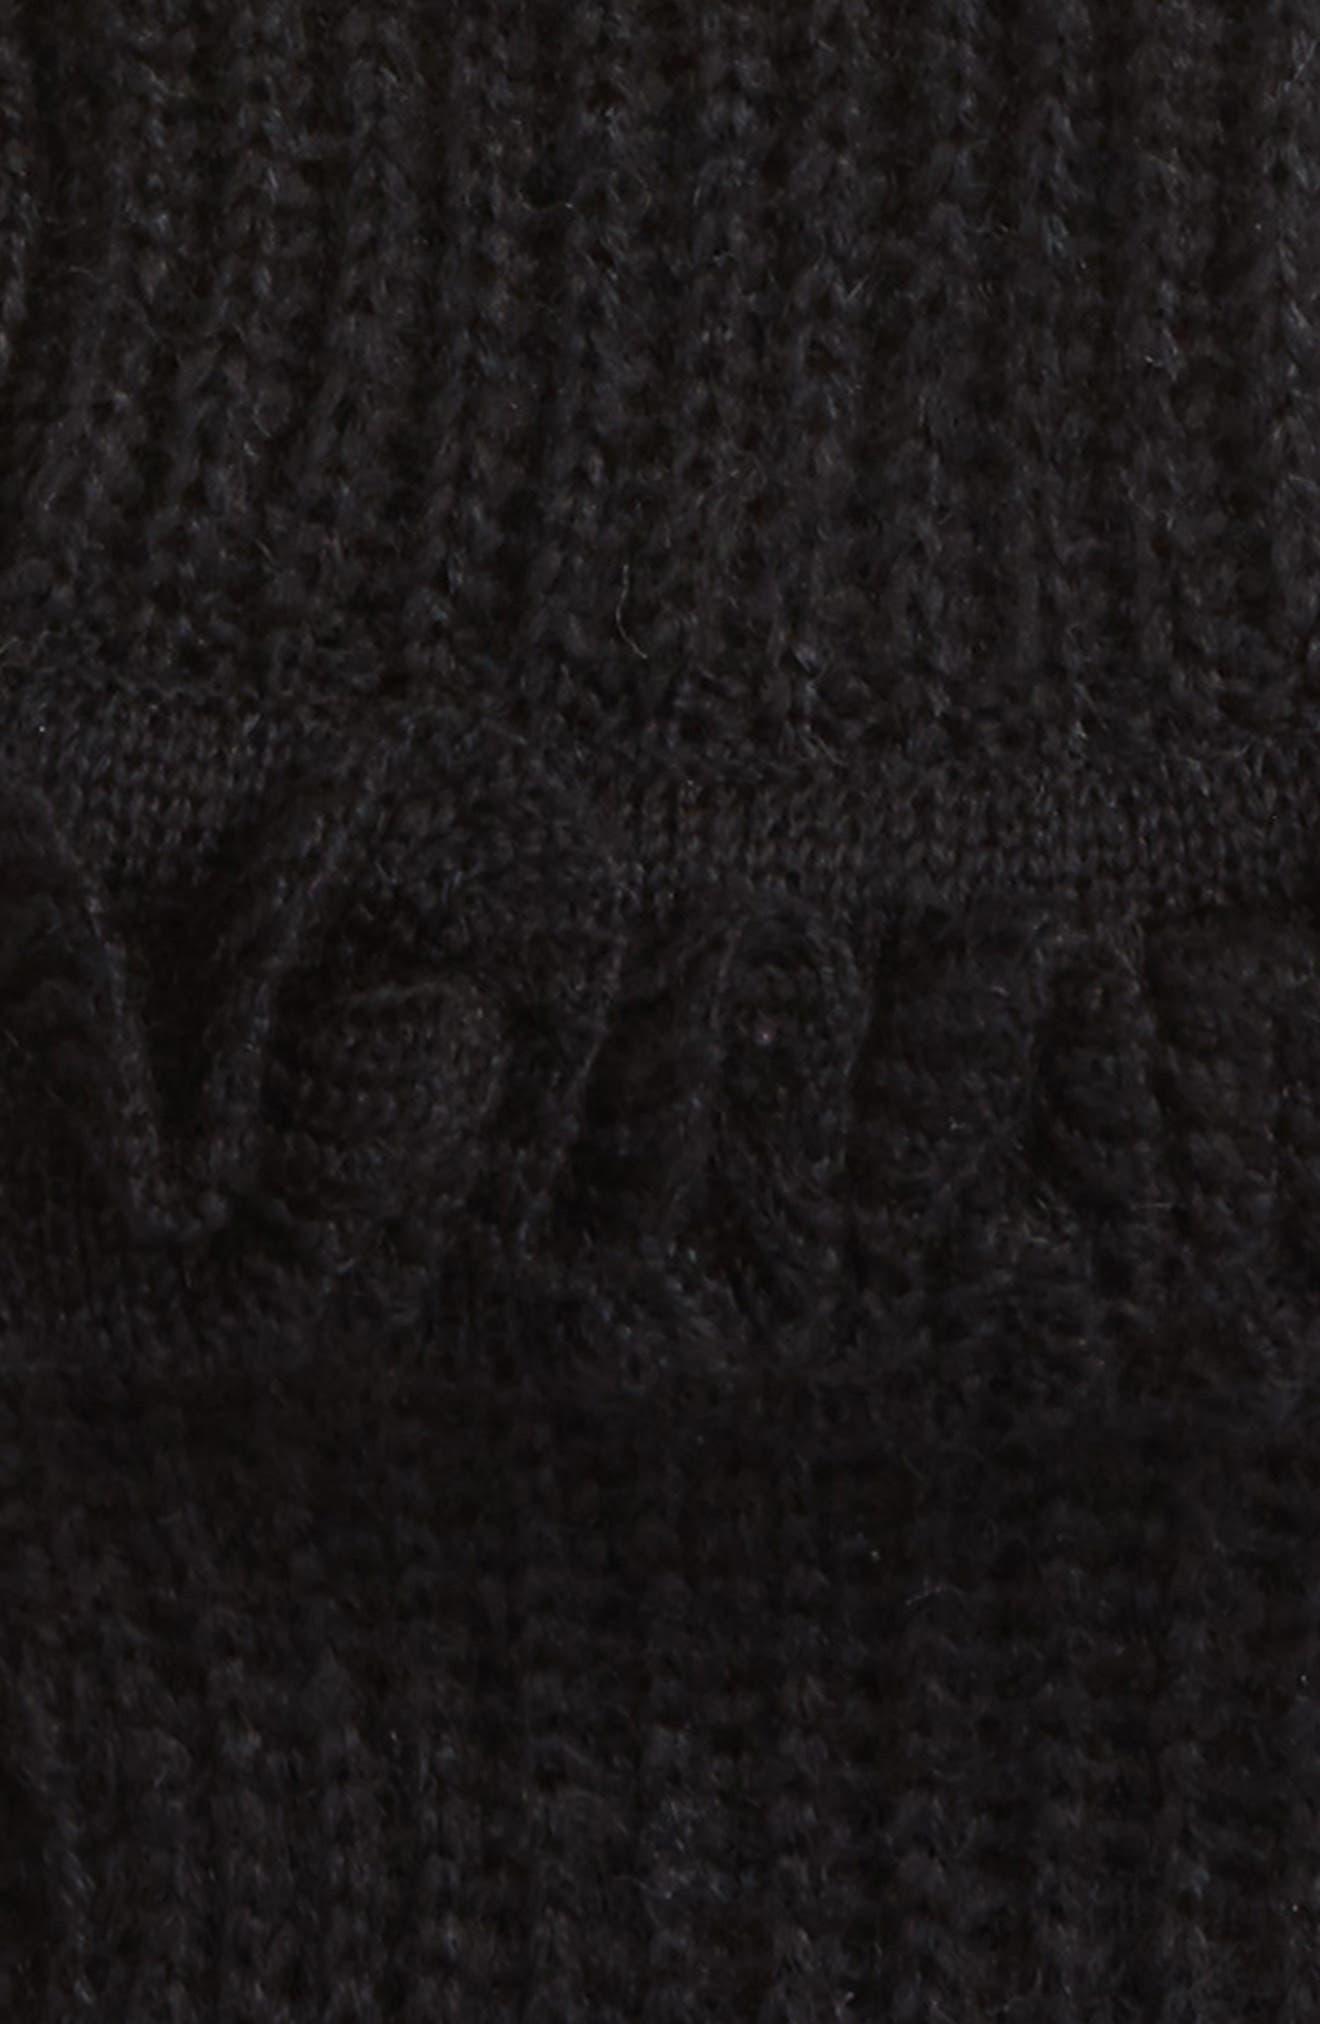 Ruffle Fingerless Gloves,                             Alternate thumbnail 2, color,                             001